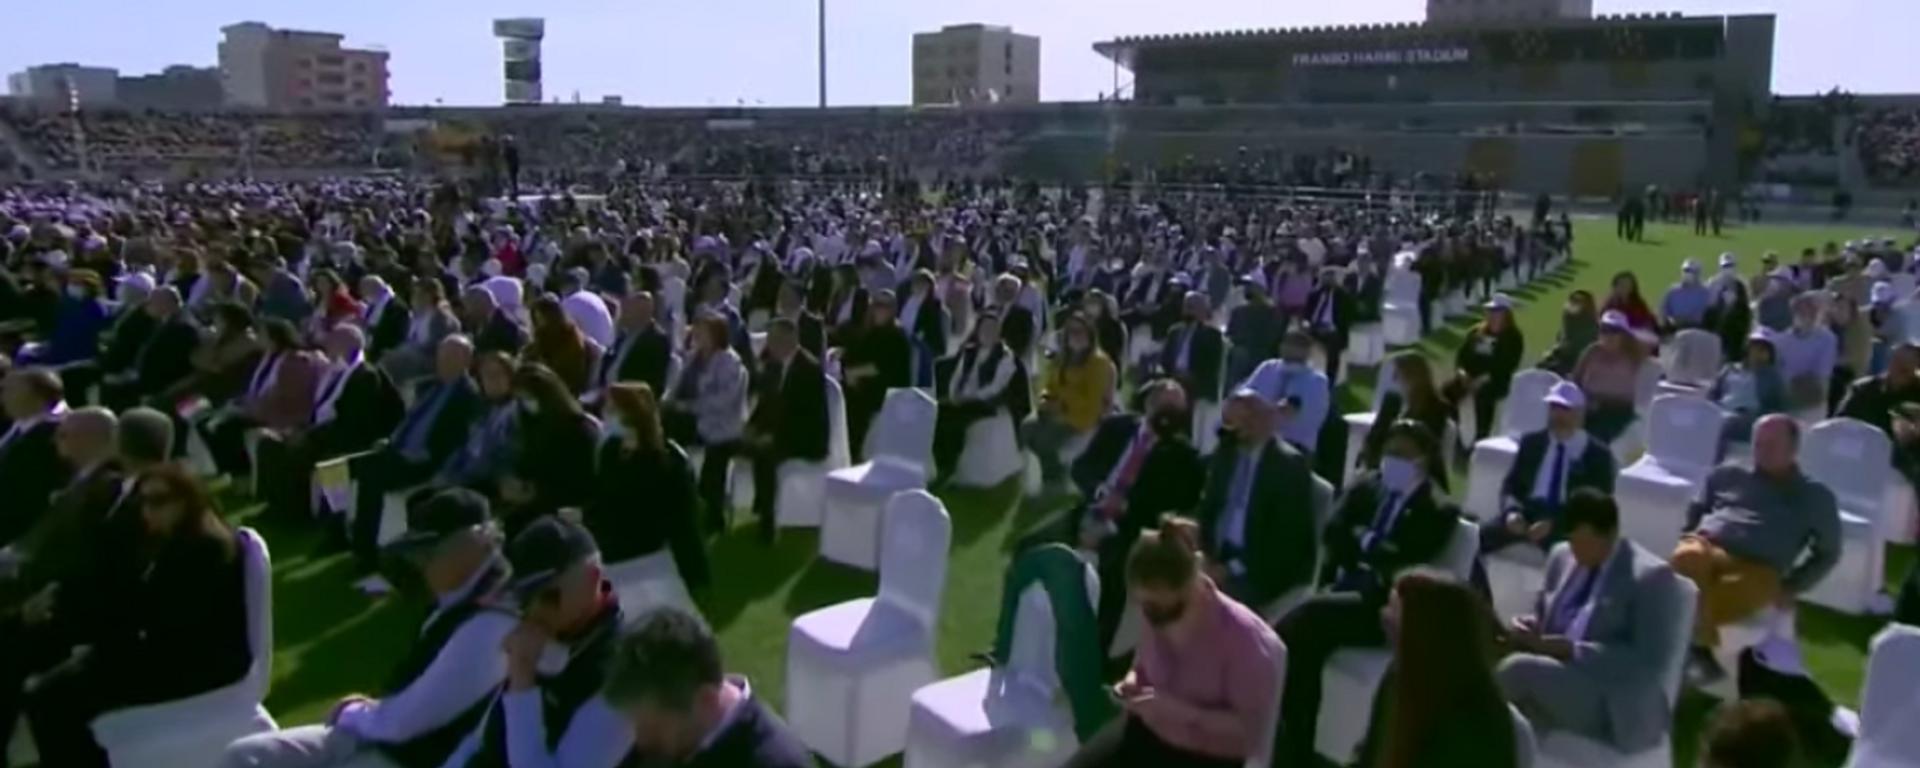 El papa Francisco celebra una misa en la ciudad iraquí de Erbil - Sputnik Mundo, 1920, 07.03.2021